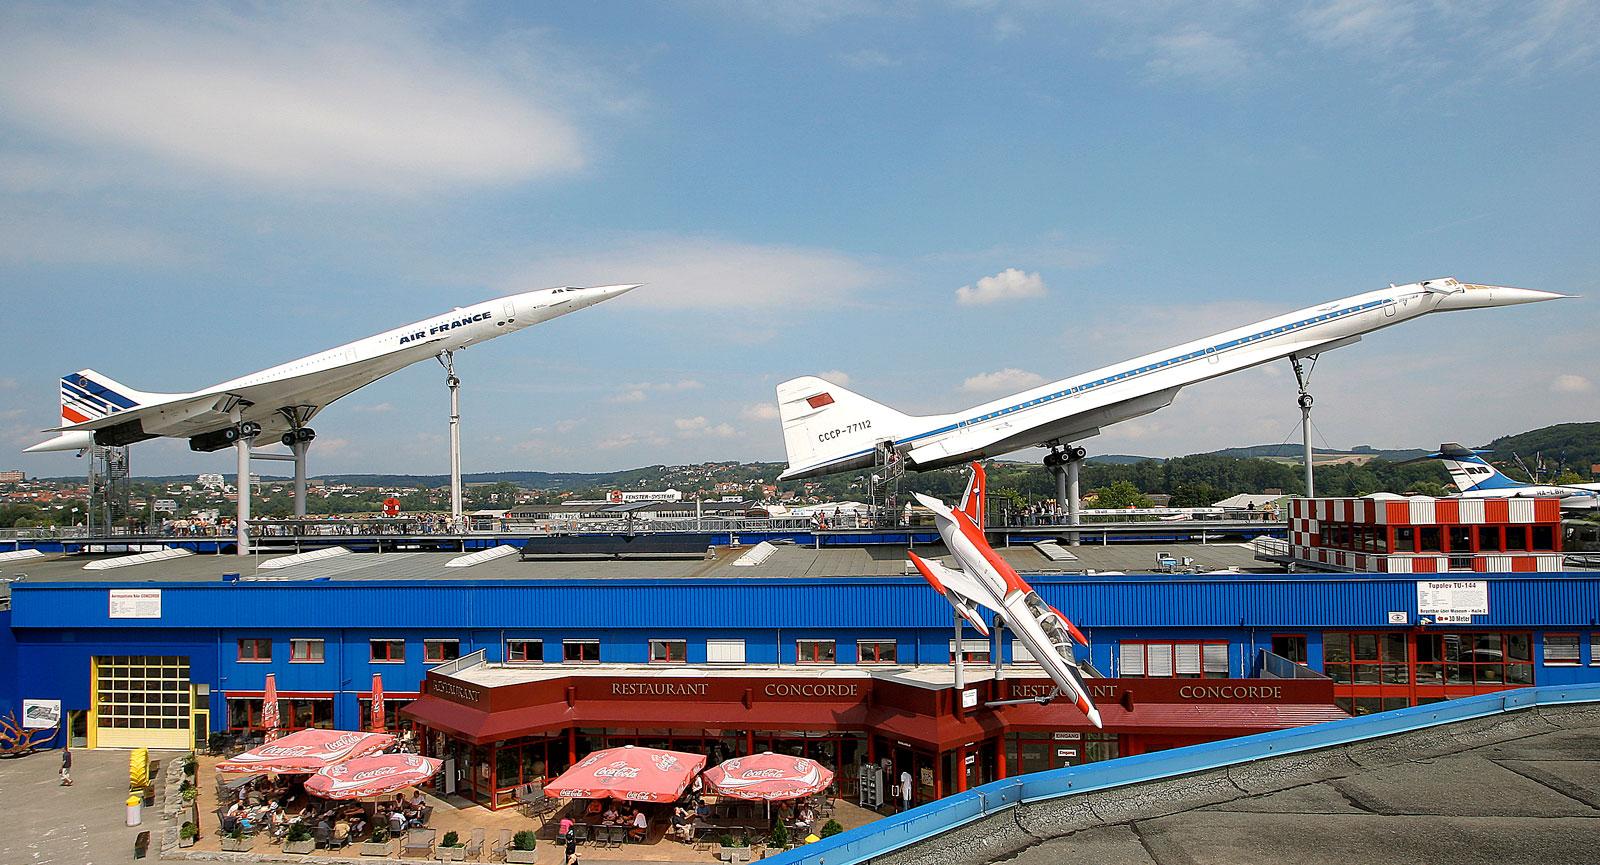 Legendariska Concorde och dennes ryska föregångare Tupolev TU-144.